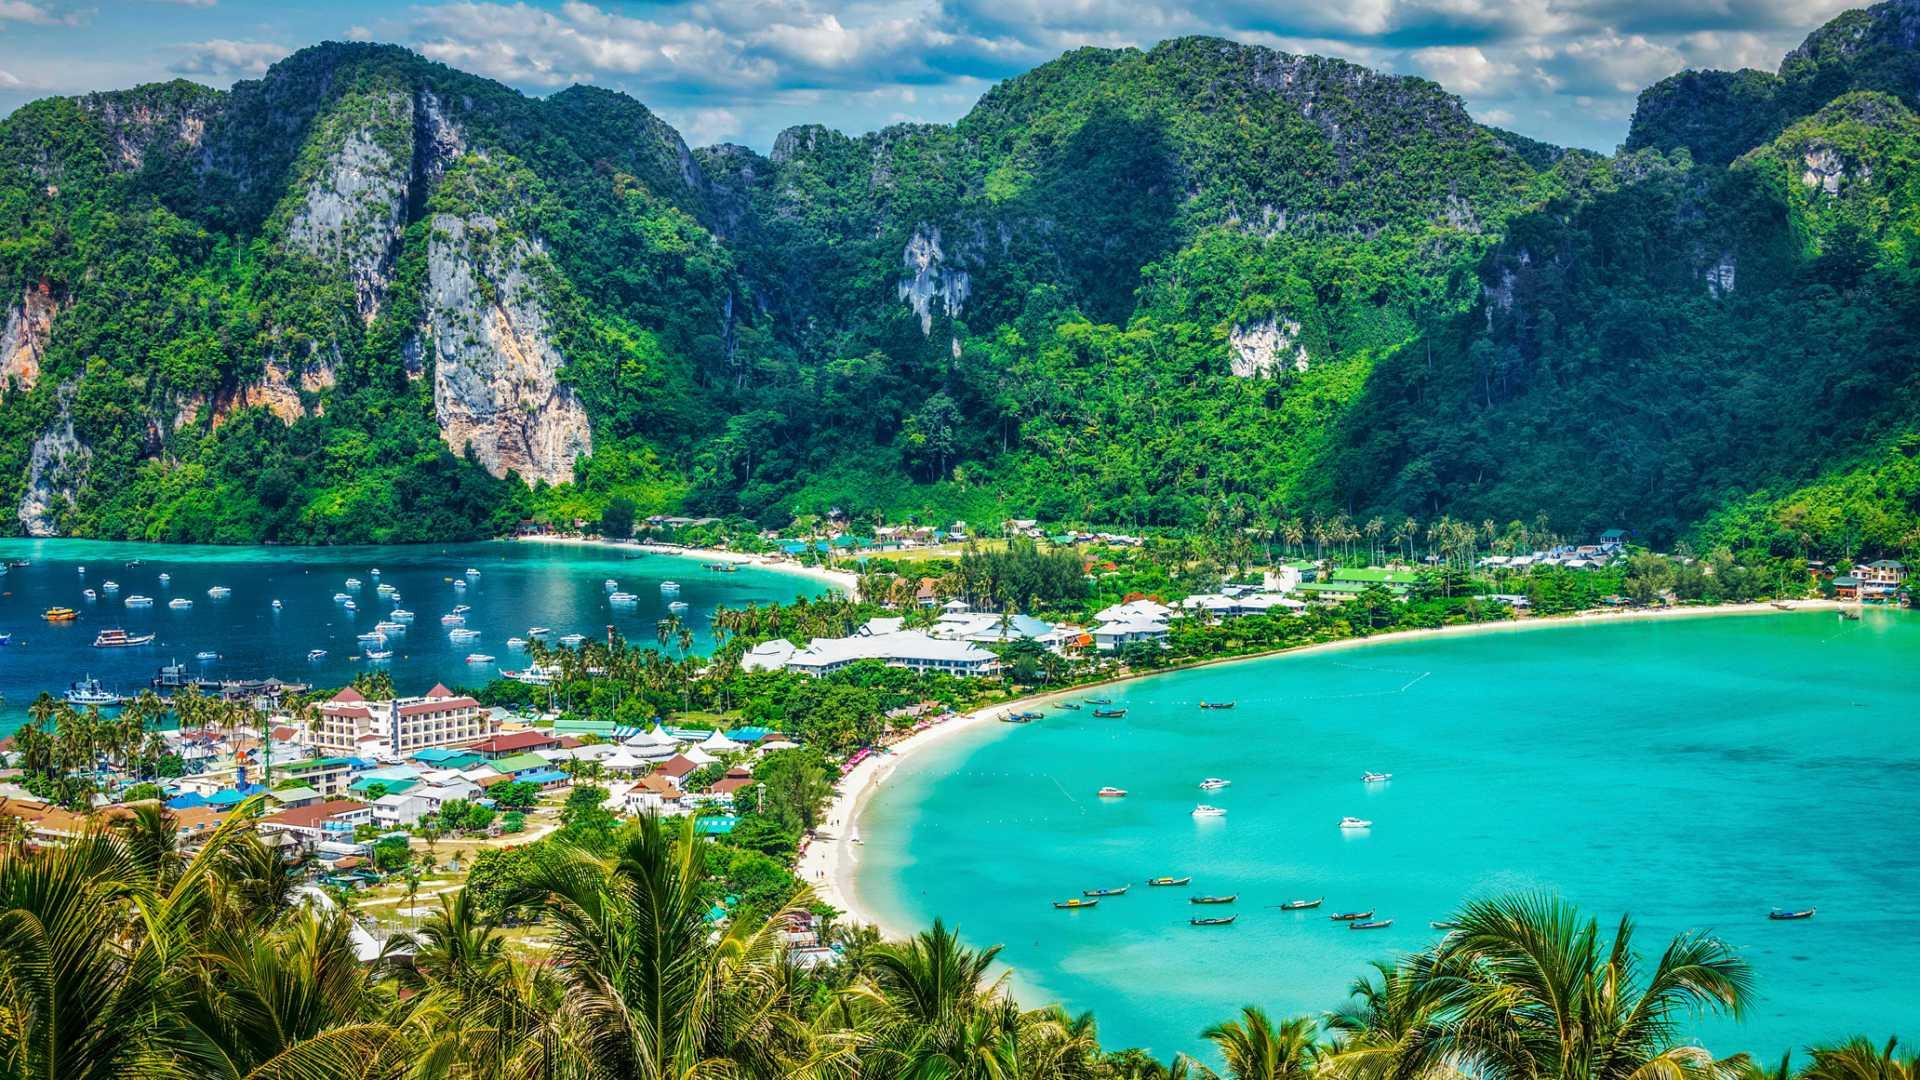 افضل جزر تايلاند لمحبي الاستجمام (1)